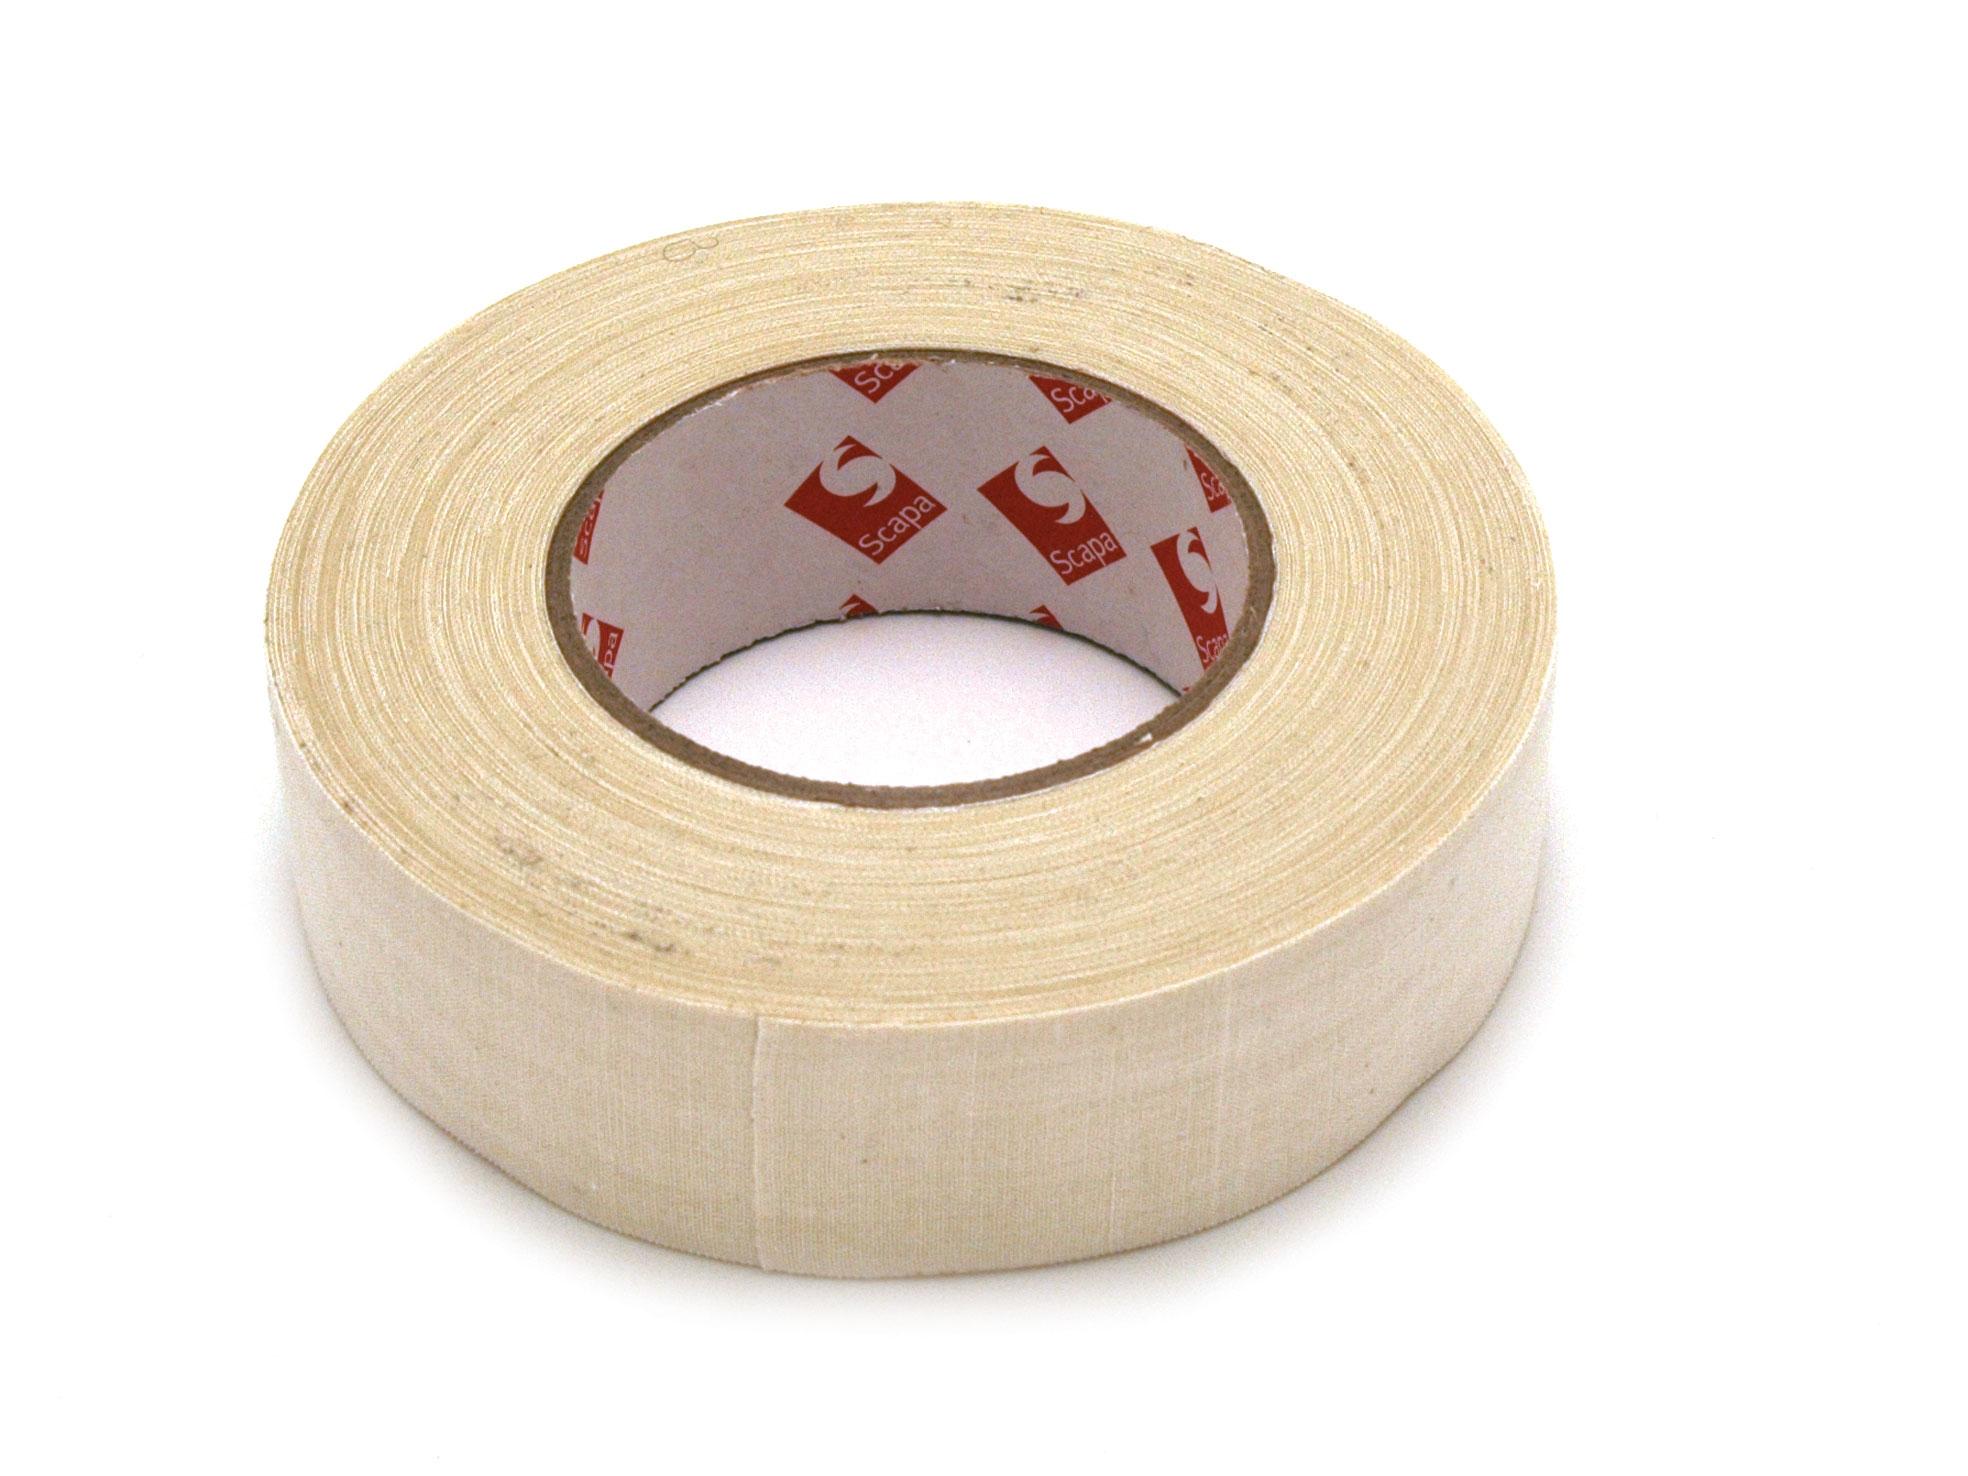 toile coton blanche enduite d'un adhésif caoutchouc de 0.28mm d'épaisseur. remarquablement souple, c'est un adhésif idéal pour border les toiles surtout avec l'utilisation d'une caisse américaine. rouleau de 50 mètres largeur 3.8cm